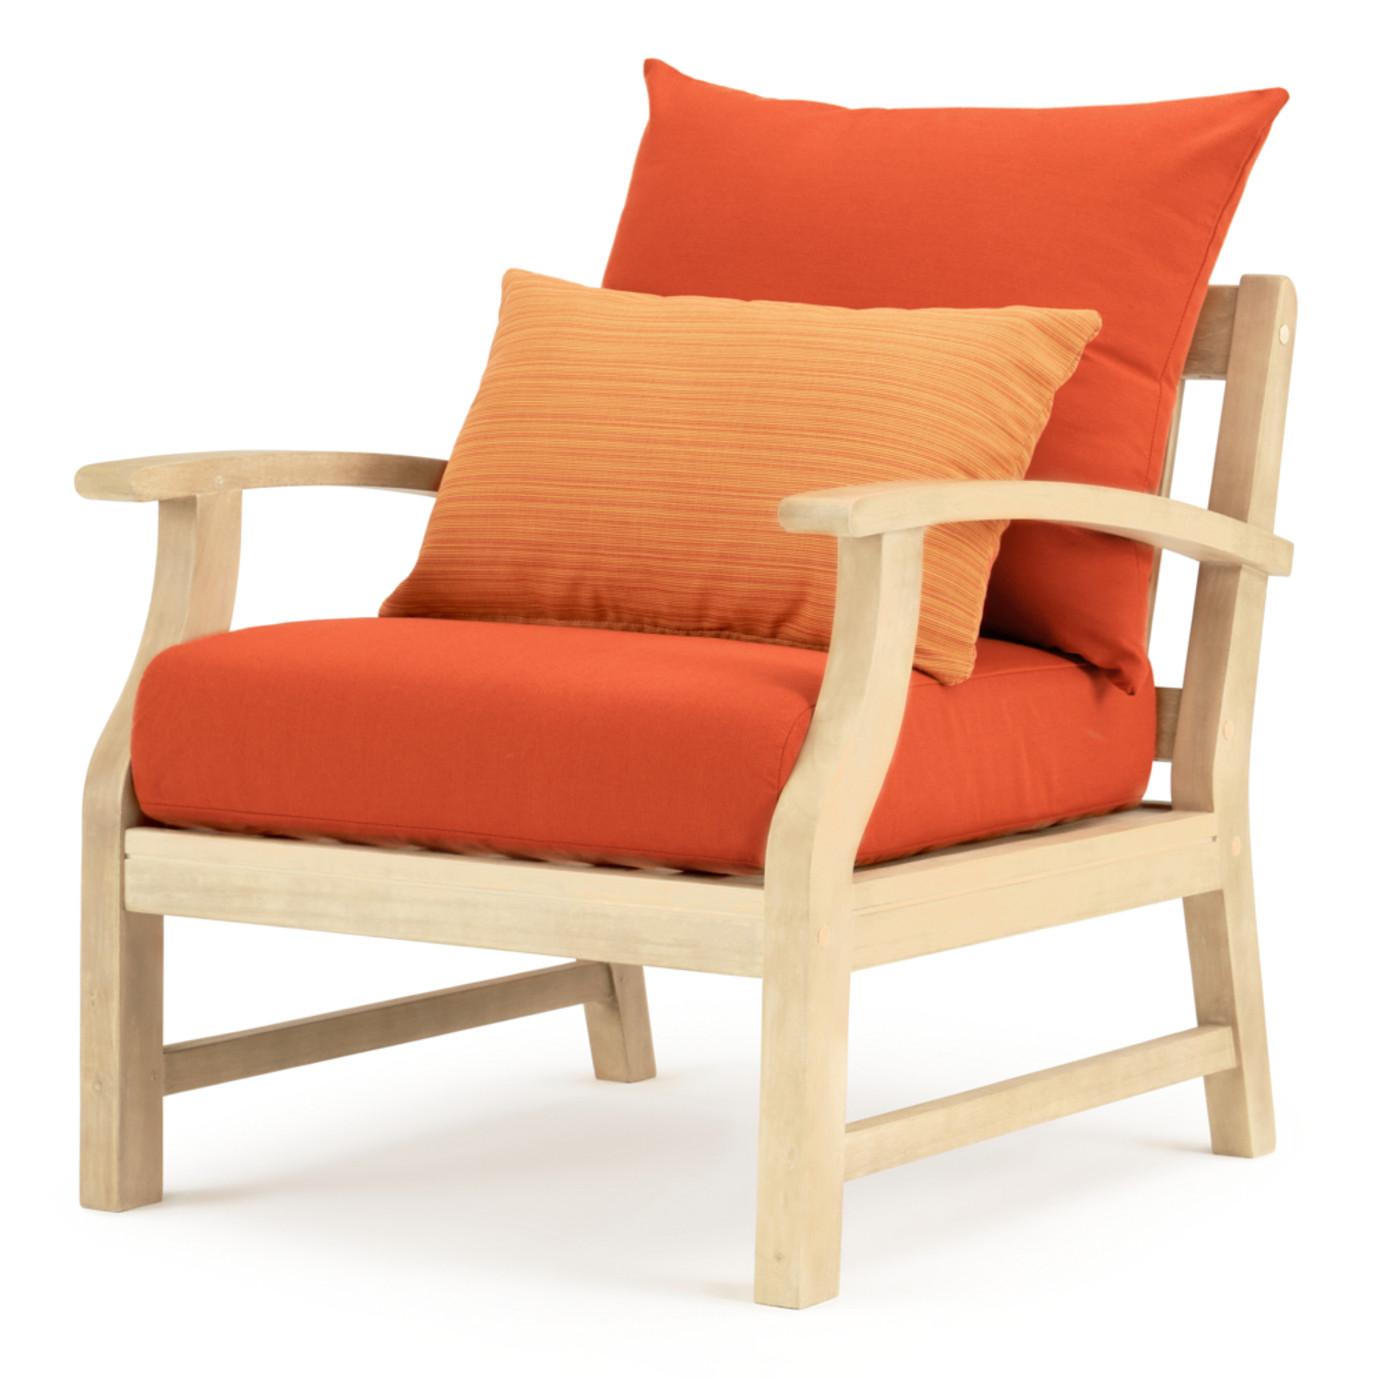 Kooper 9 Piece Seating Set - Tikka Orange